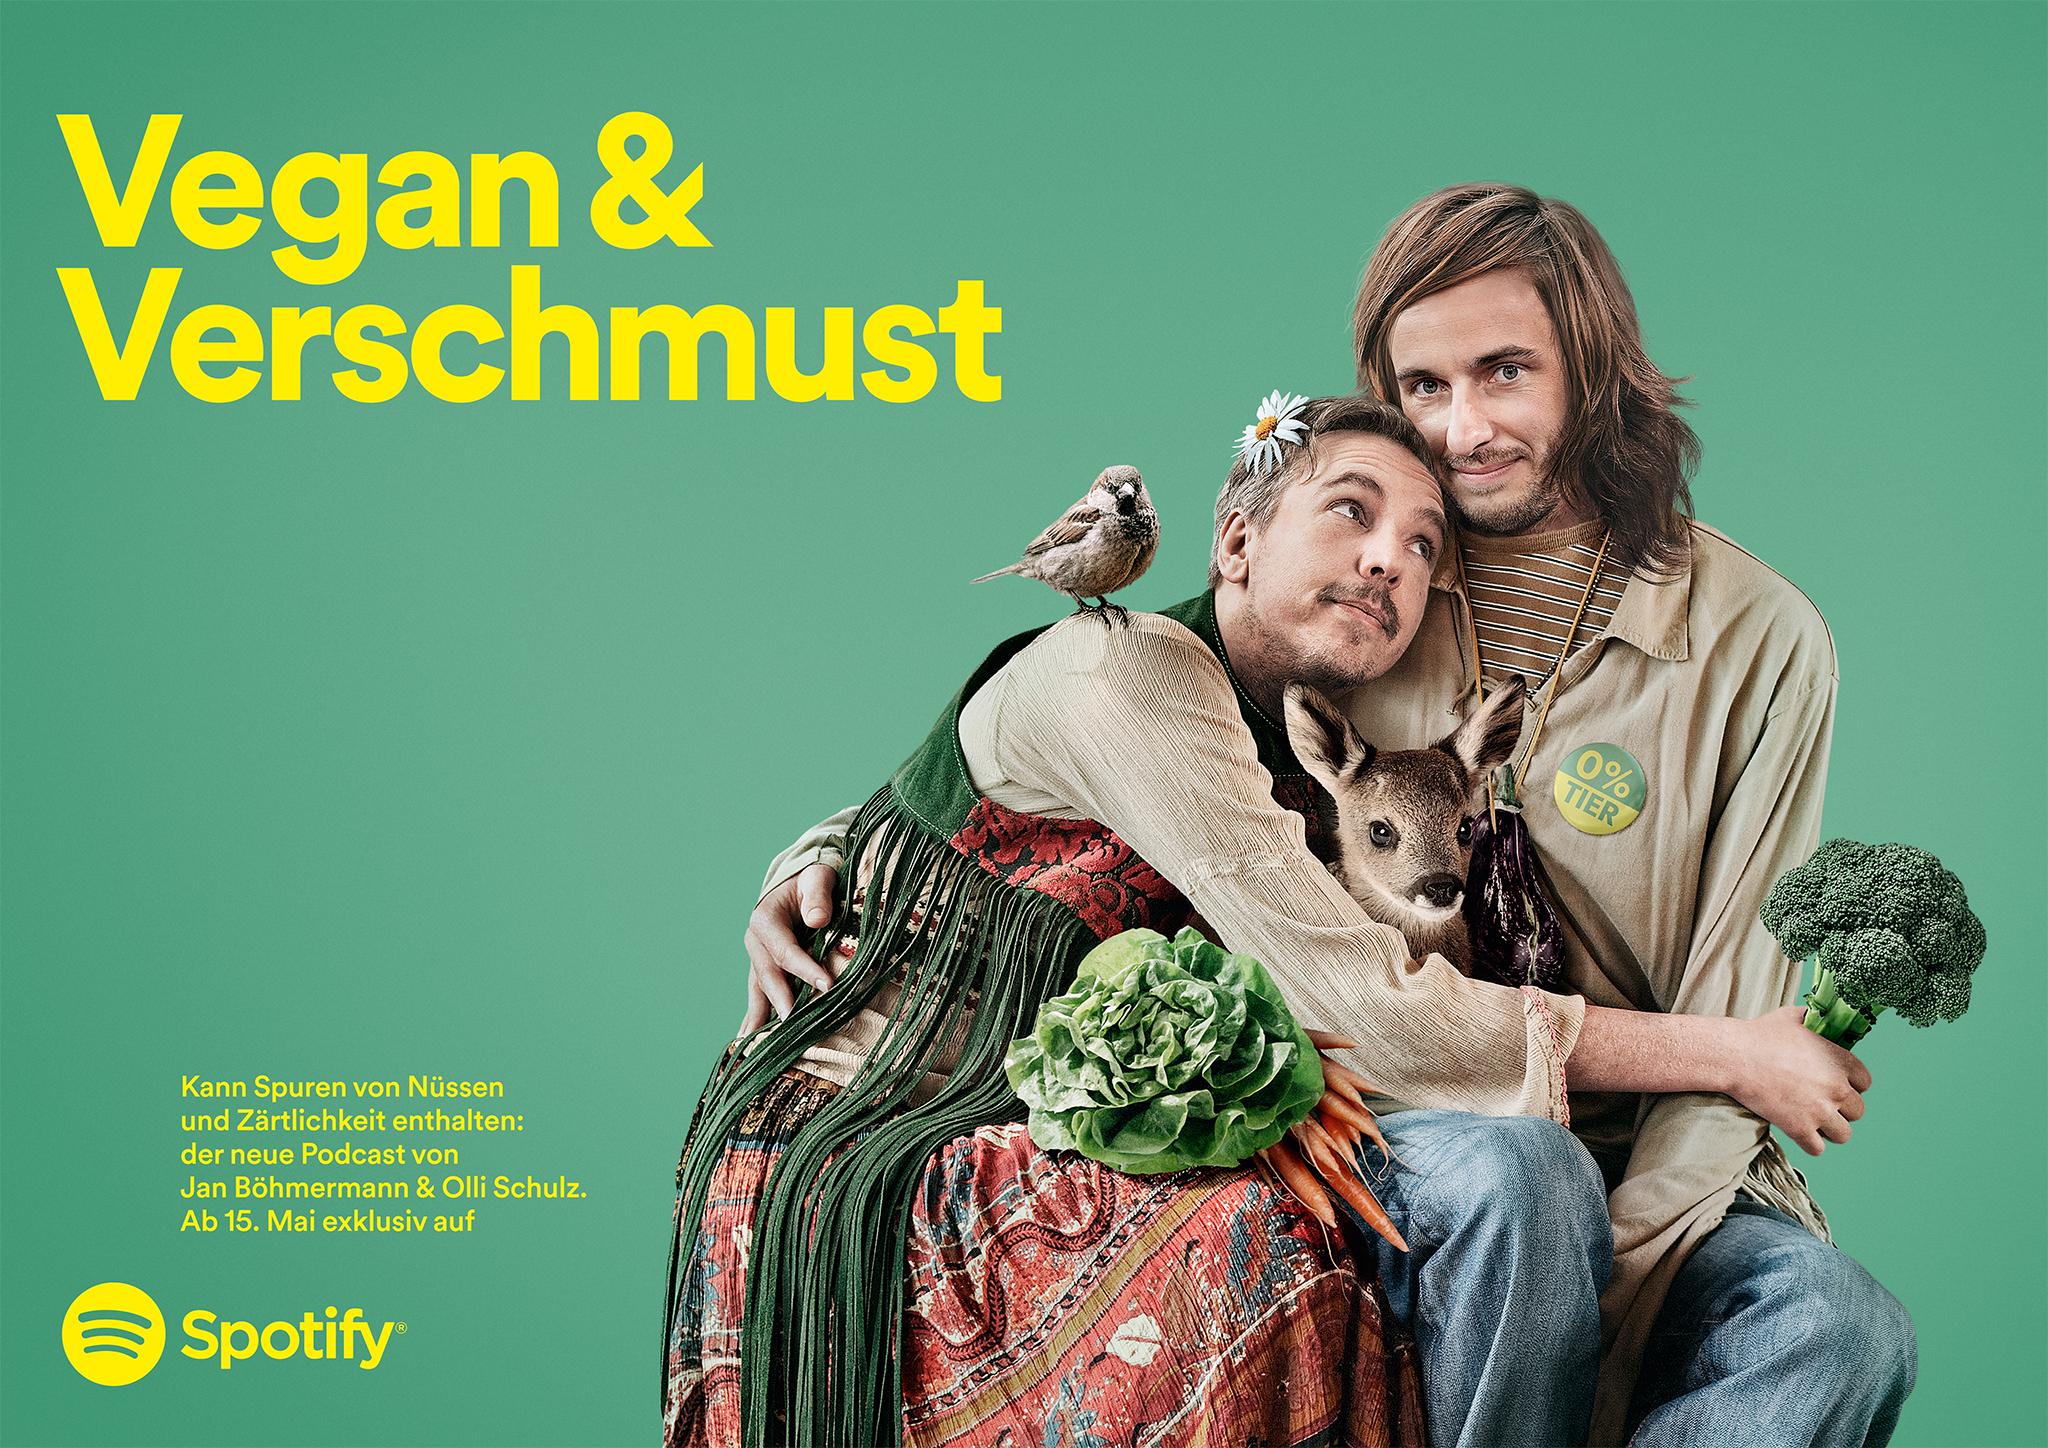 Vegan & Verschmust